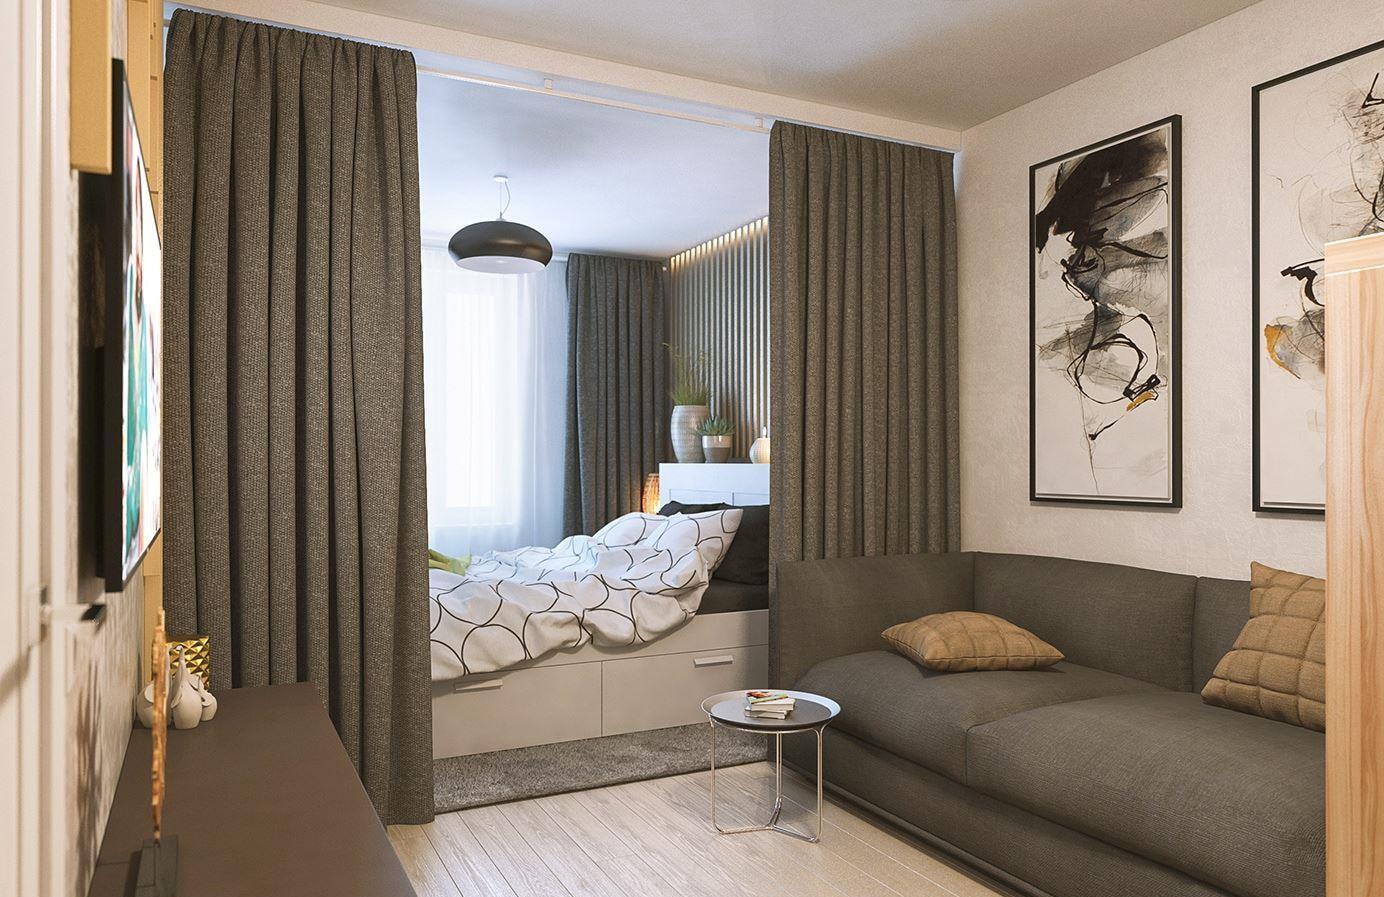 объявления объединение спальни и гостиной фото граница различия